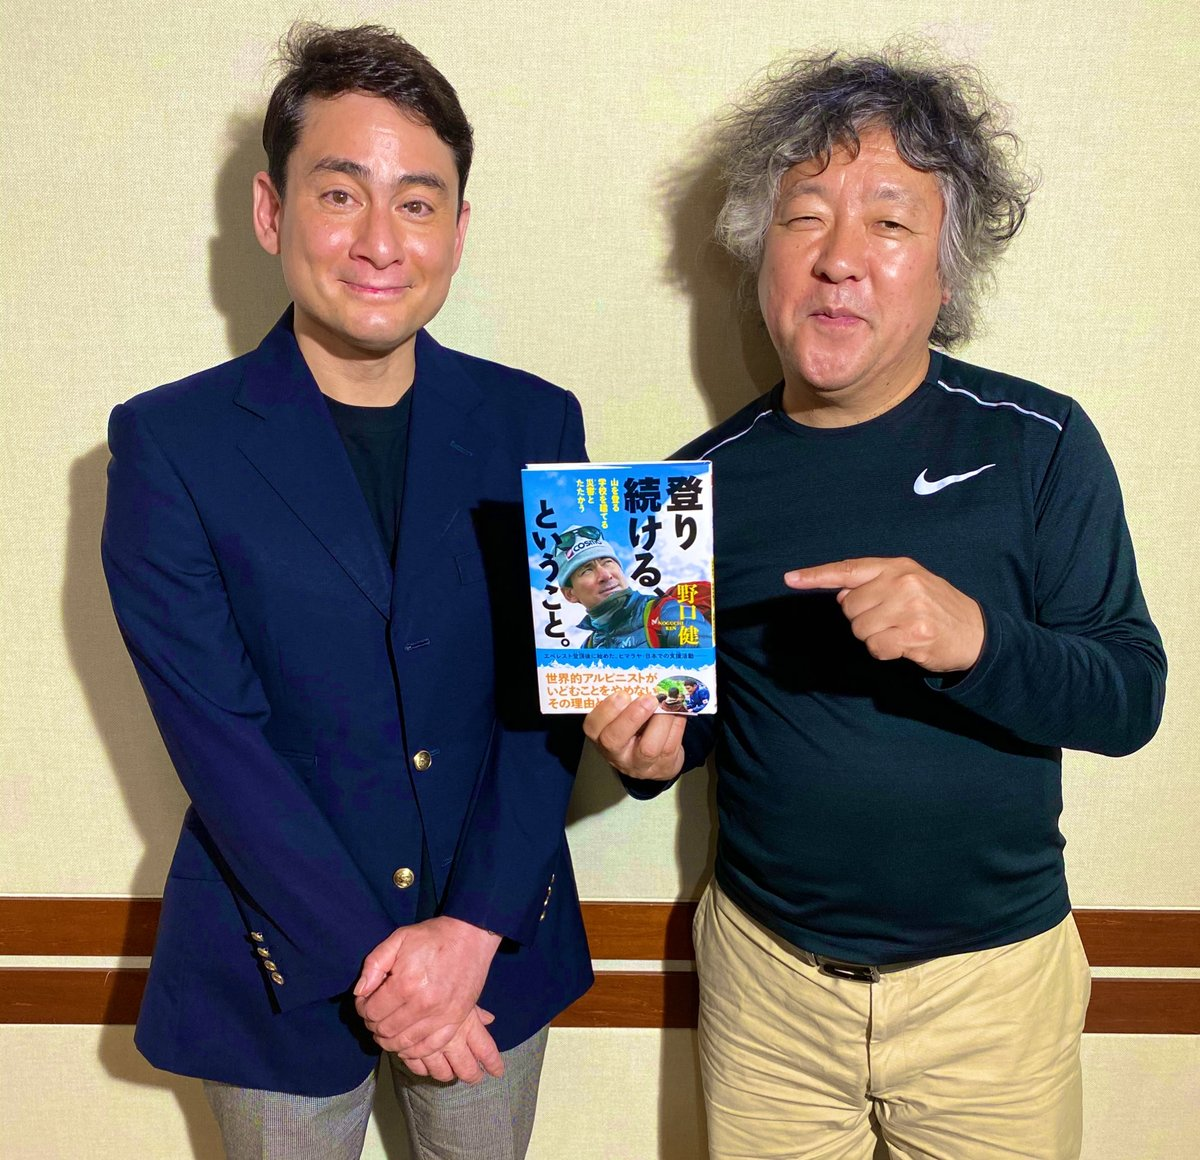 茂木健一郎さんとラジオでトーク